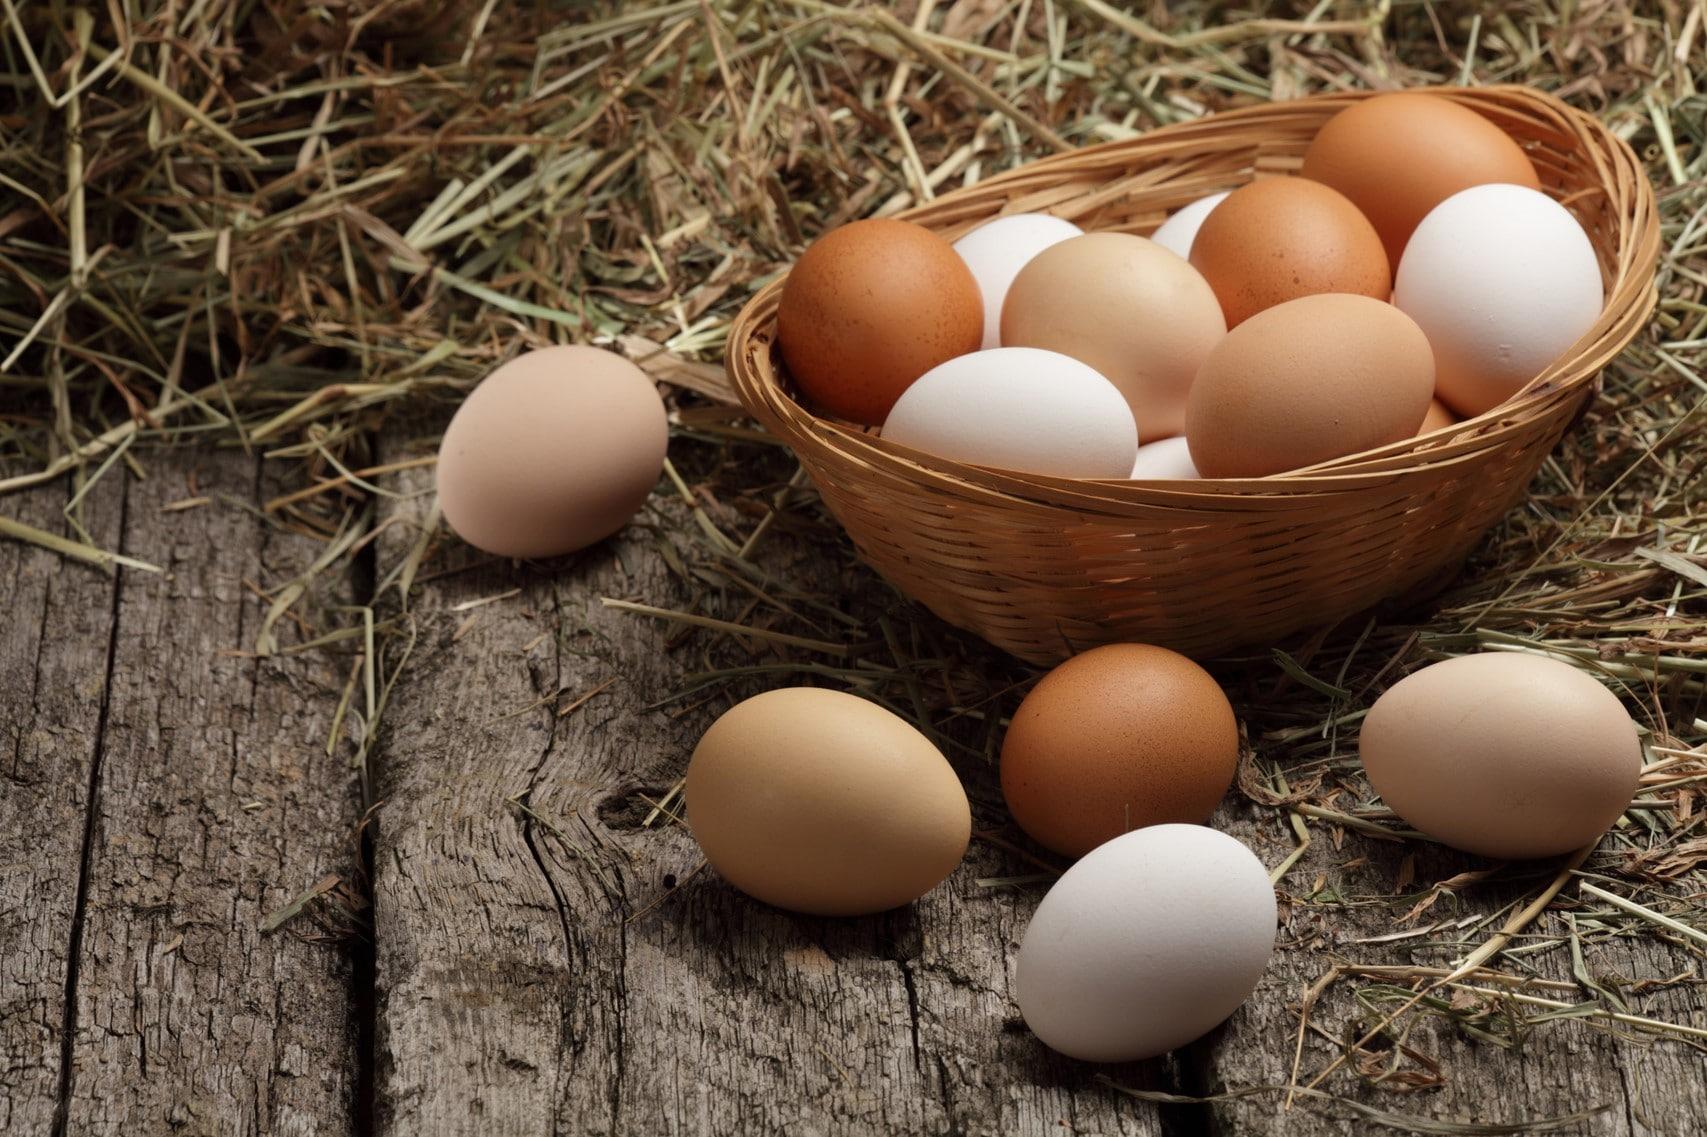 【食物大百科】紅雞蛋vs白雞蛋哪個比較營養?一天到底可以吃幾顆蛋?只吃蛋白真的比較好嗎?